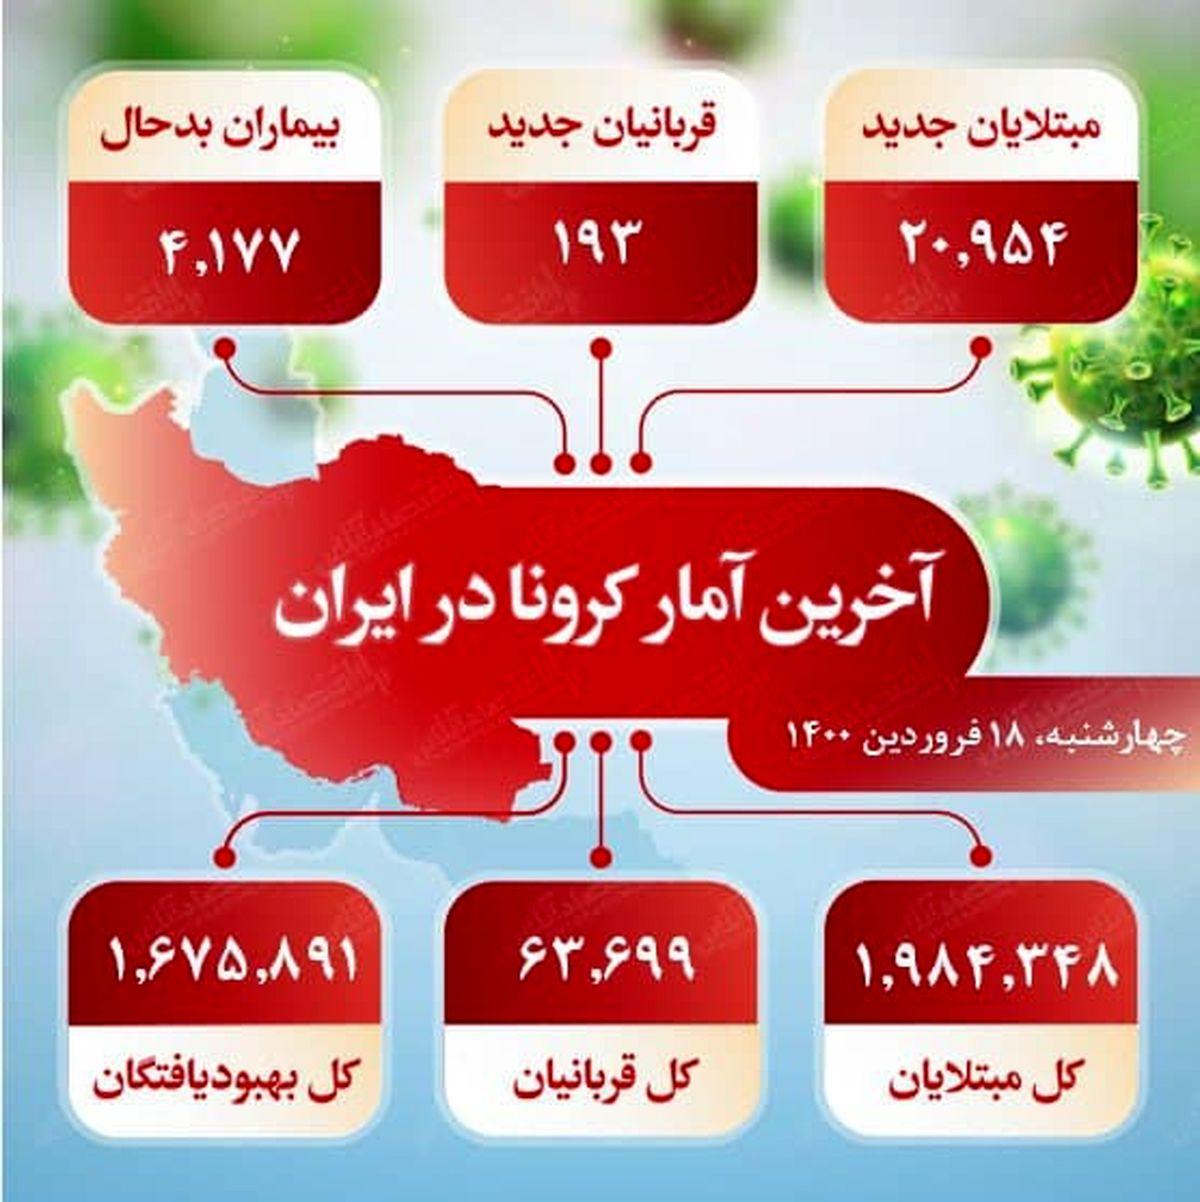 آخرین آمار کرونا در ایران (۱۴۰۰/۱/۱۸)